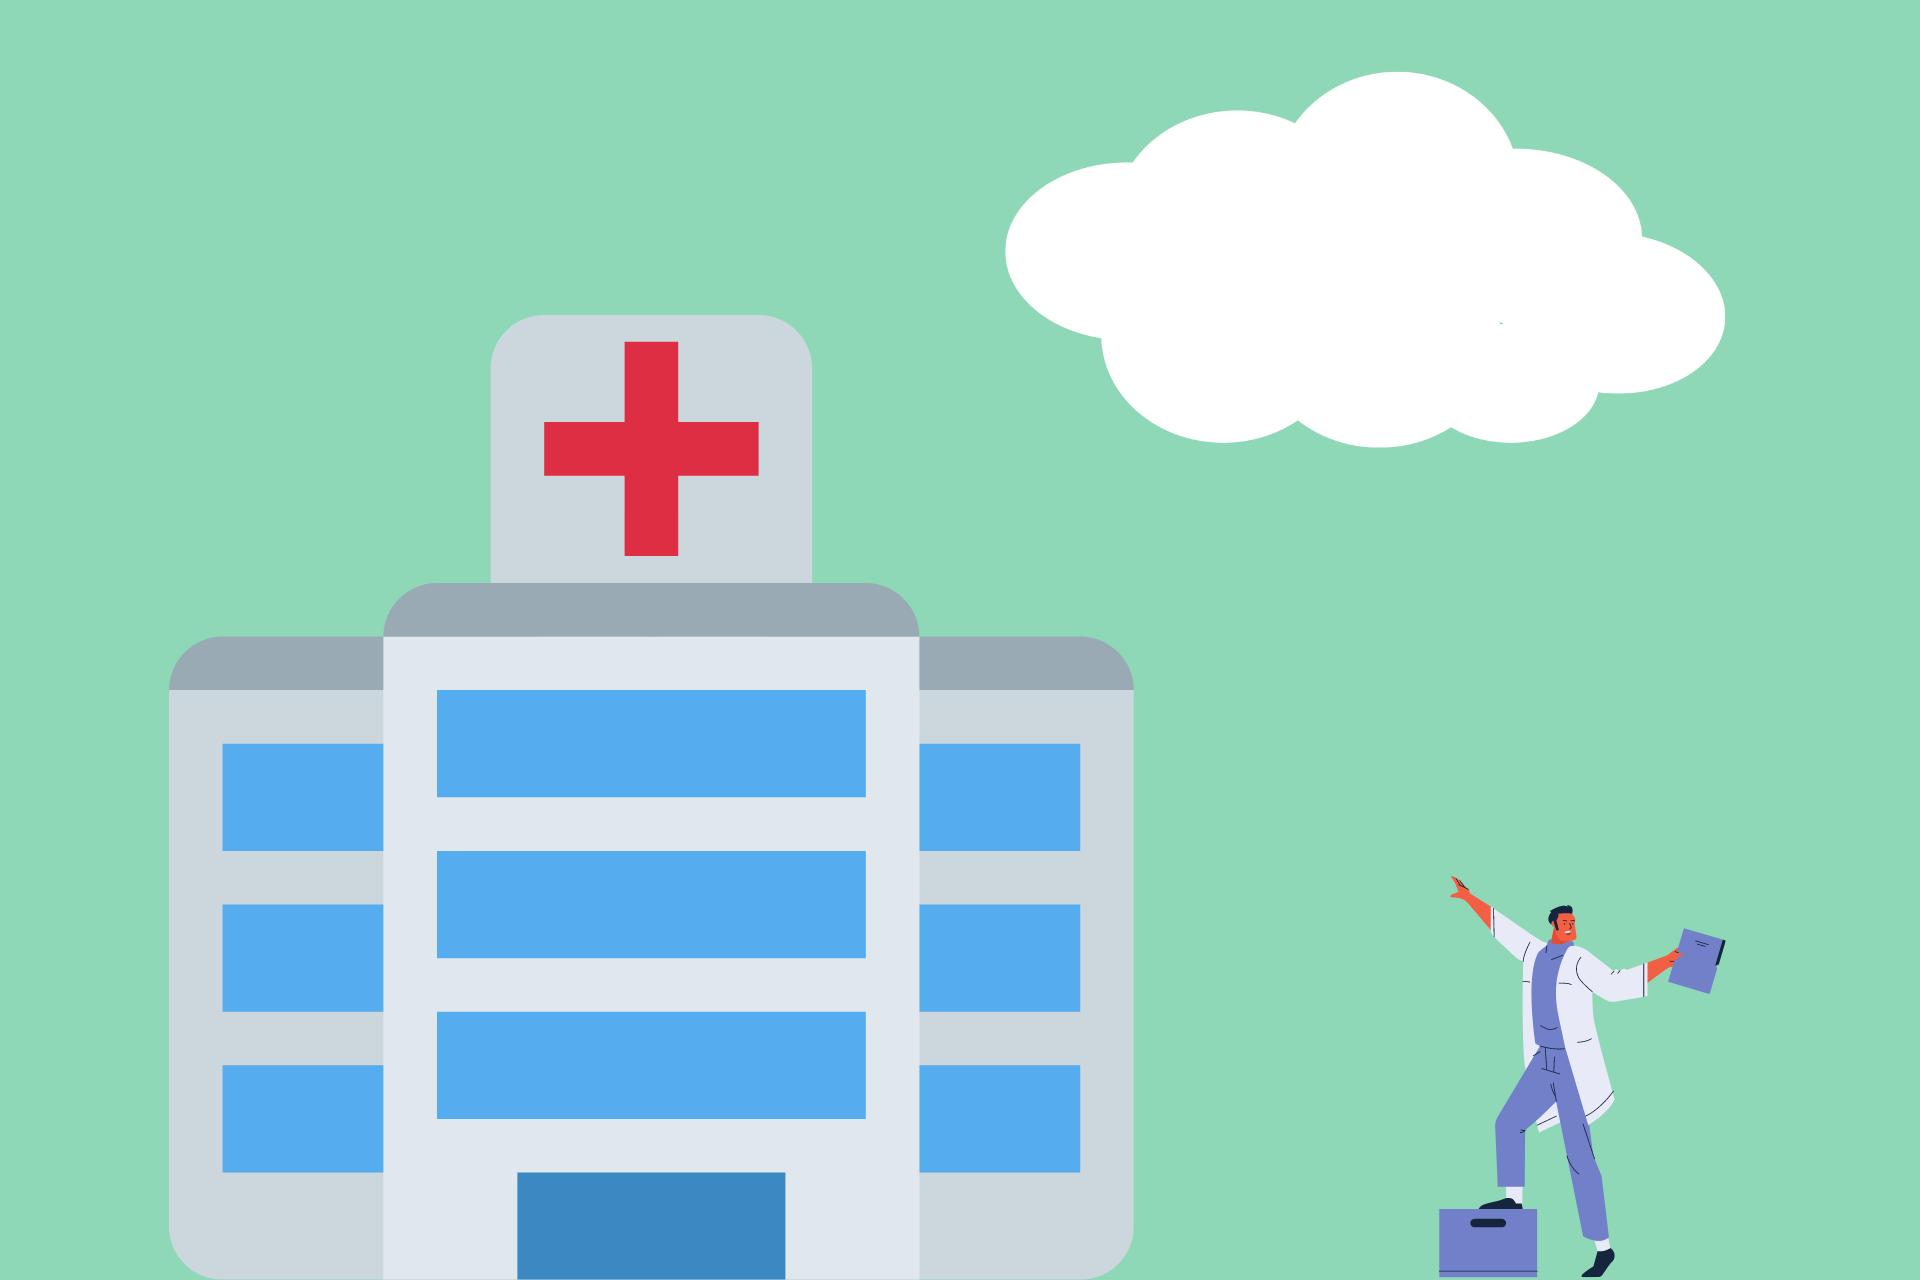 薬剤師が病院へ転職を成功させる2つの方法